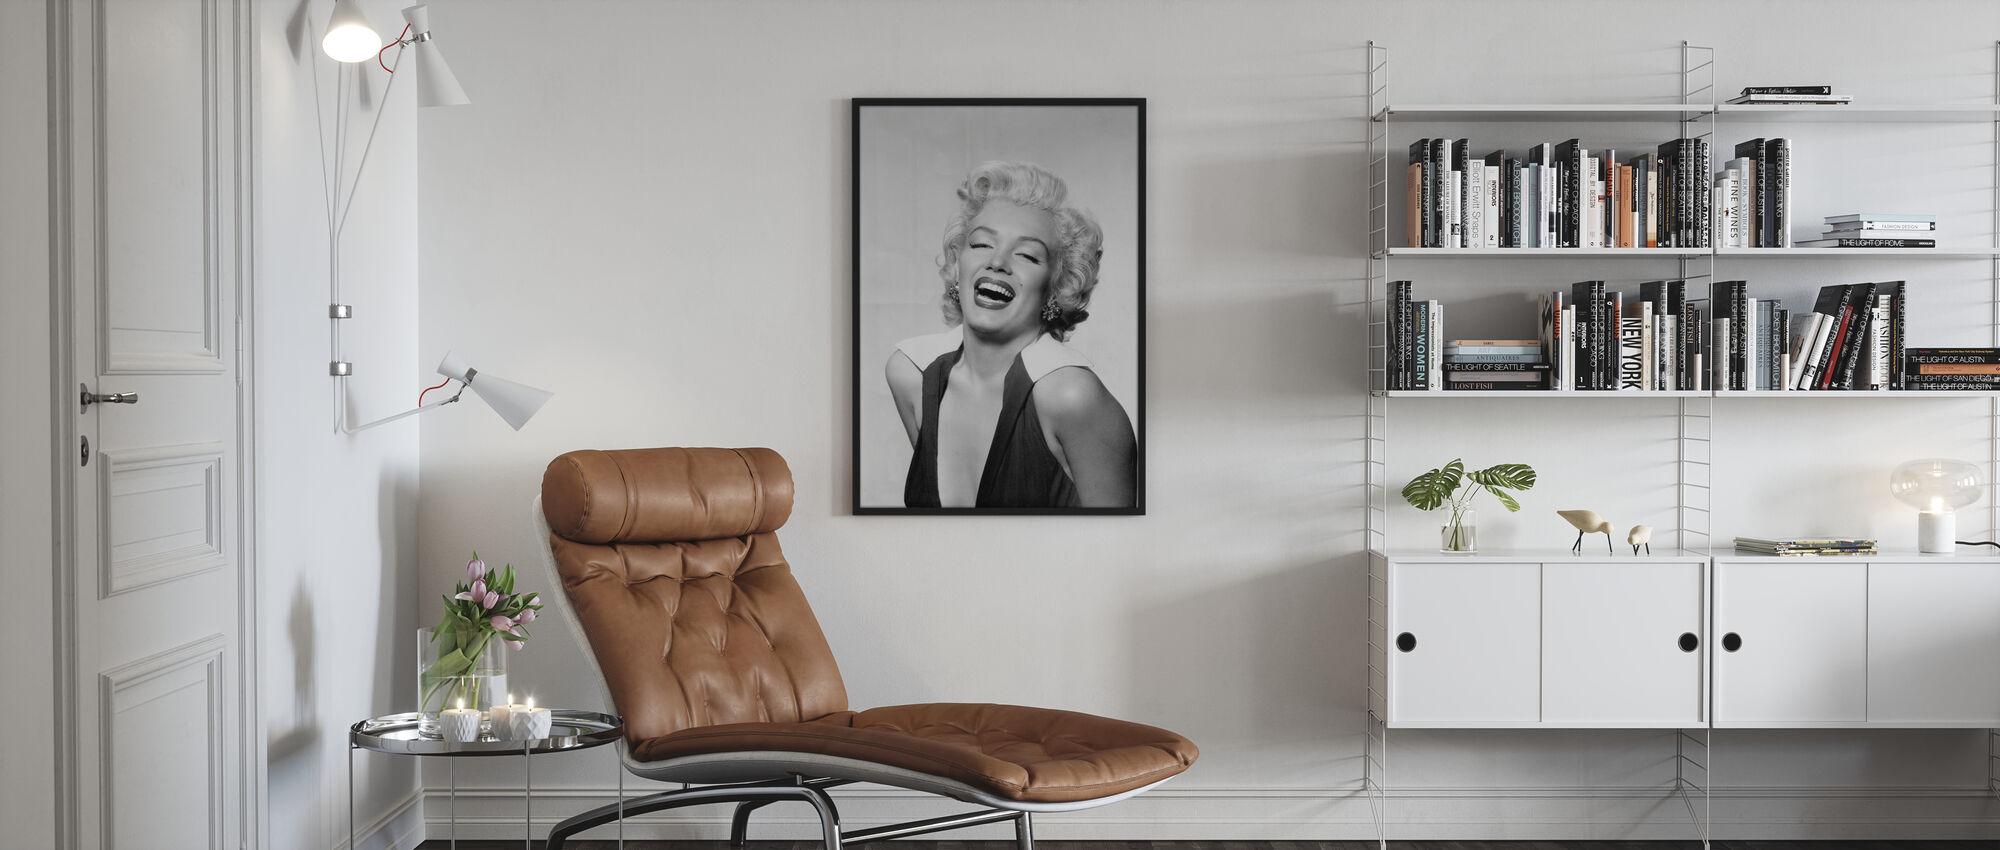 Koningin van de jaren vijftig - Poster - Woonkamer